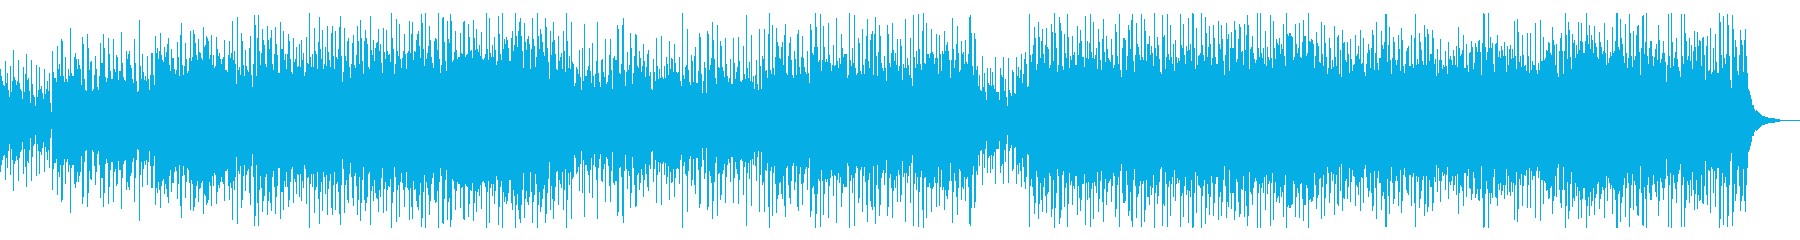 企業VPやCMに疾走感ポップオーケストラの再生済みの波形